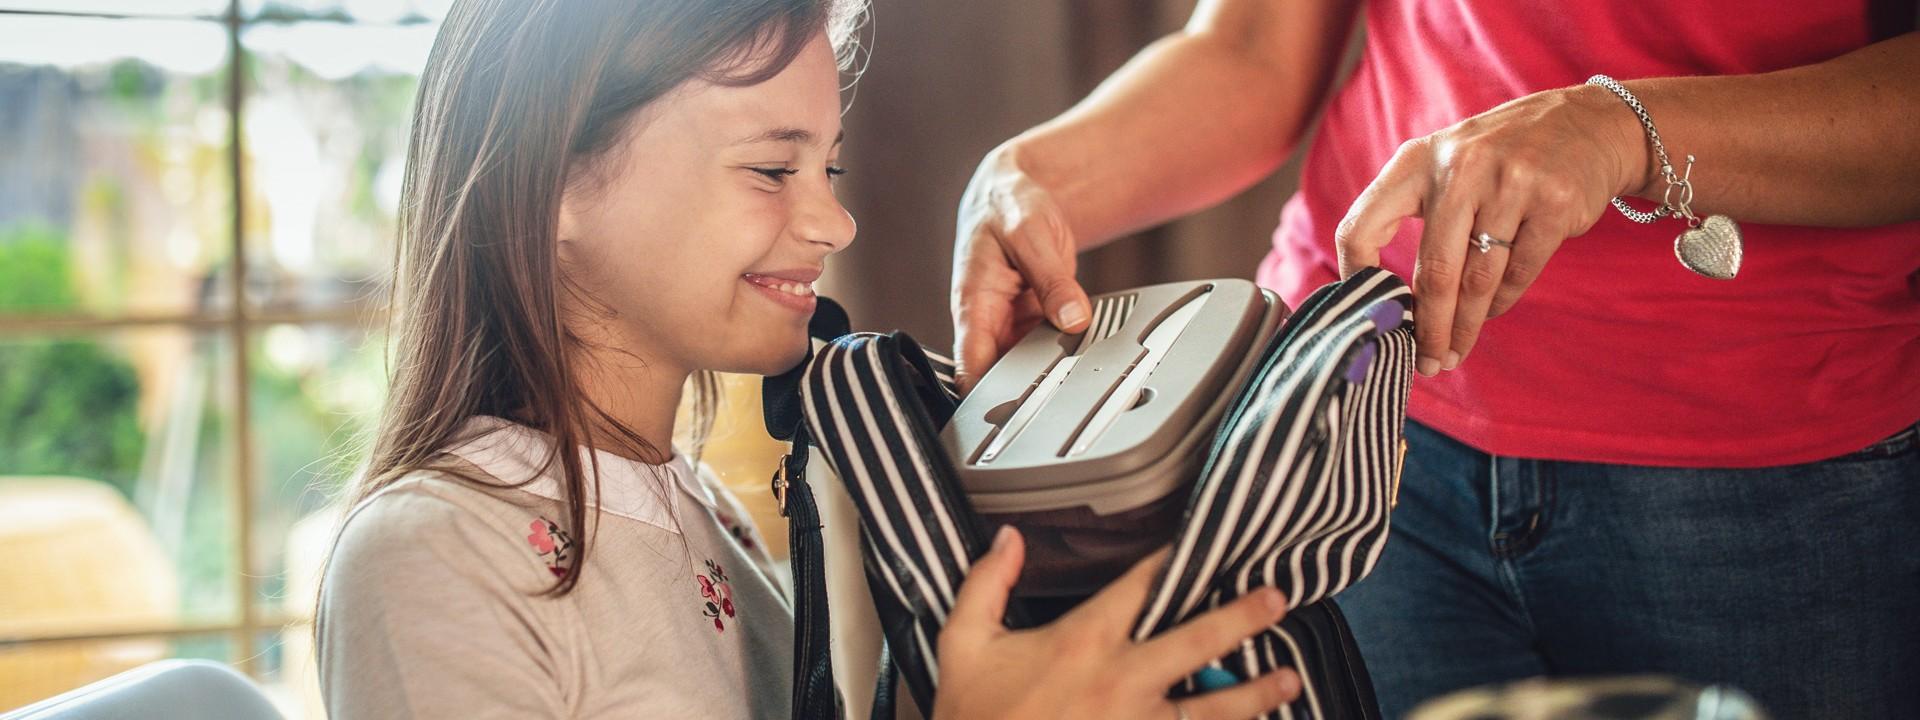 Mädchen bekommt Brotdose von Mutter